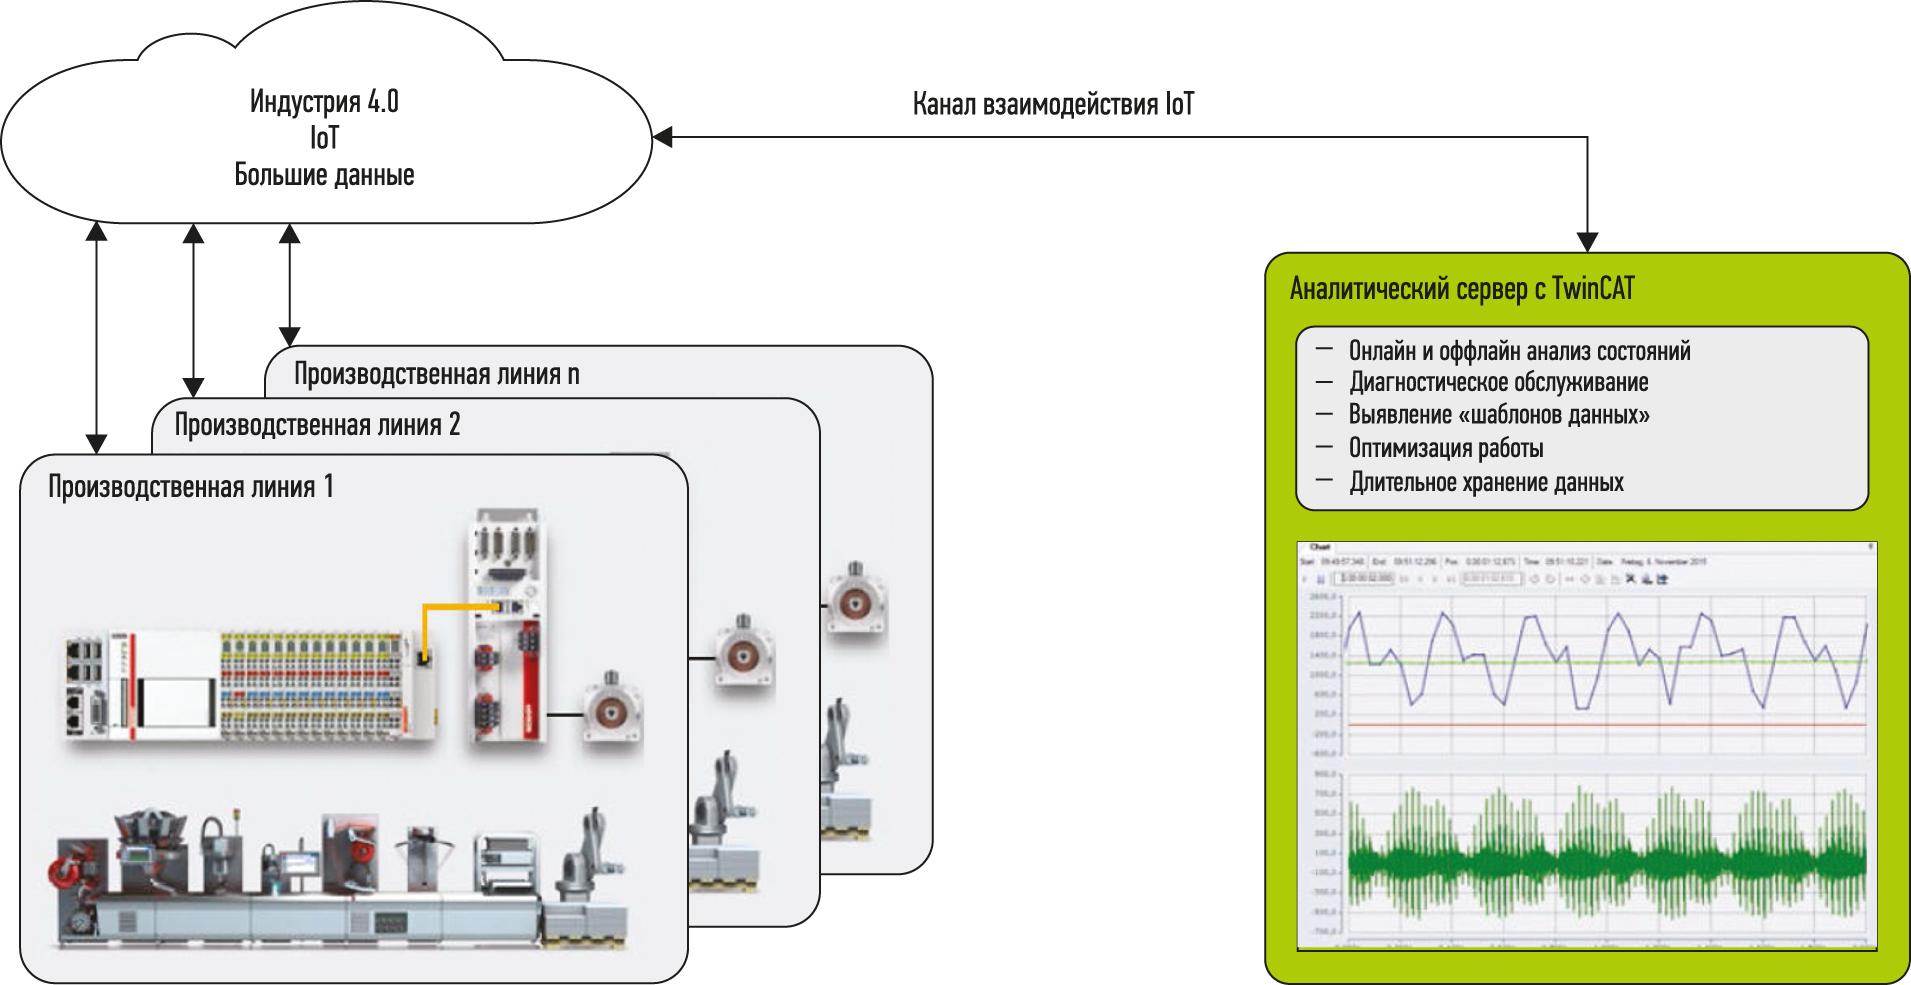 Рисунок. Информация, доступ к которой обеспечивается реализацией в производстве IIoT